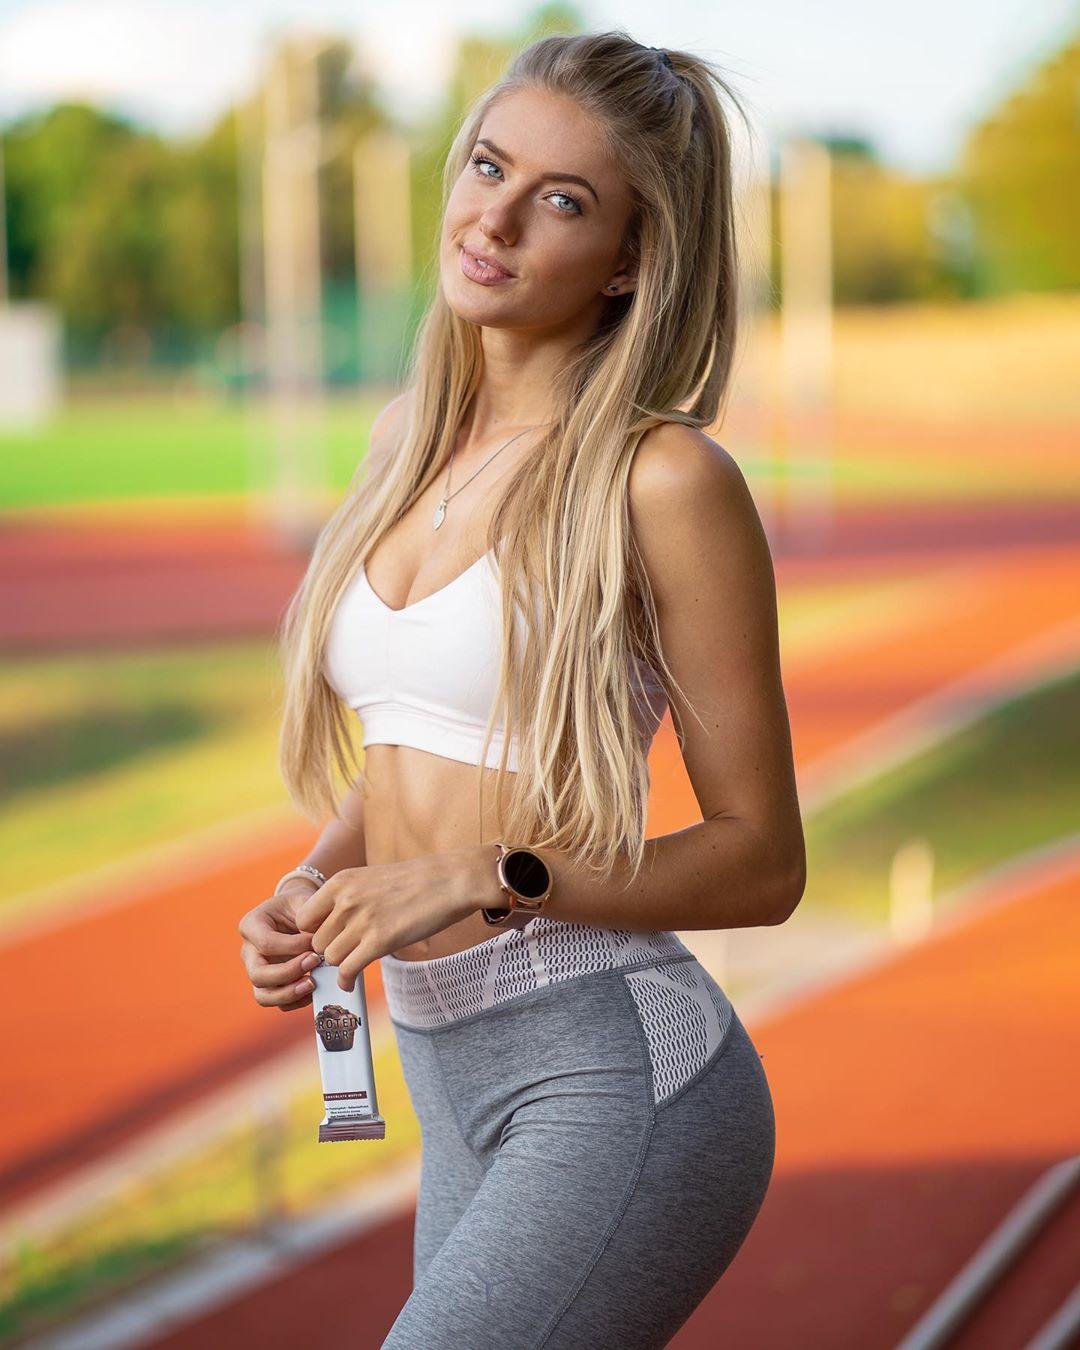 У этой немецкой бегуньи такая идеальная фигура, вот что значит заниматься любимым делом каждый день